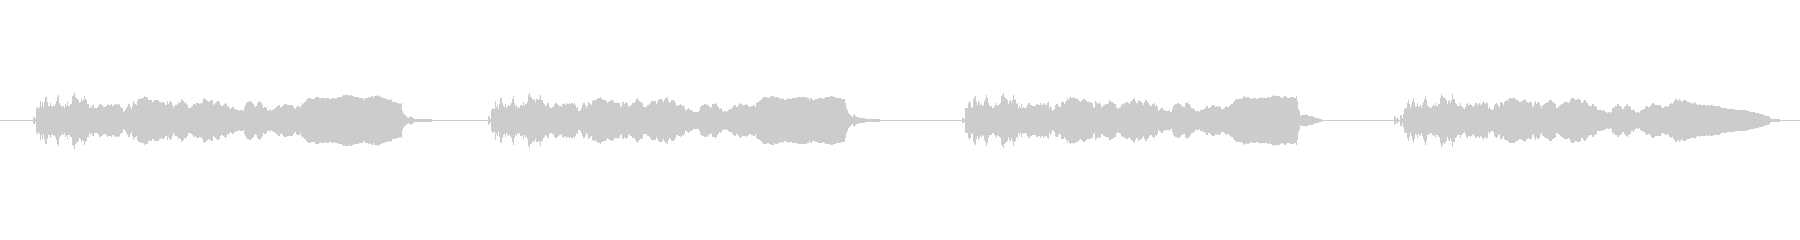 海底潜水サイレンサイレンの未再生の波形